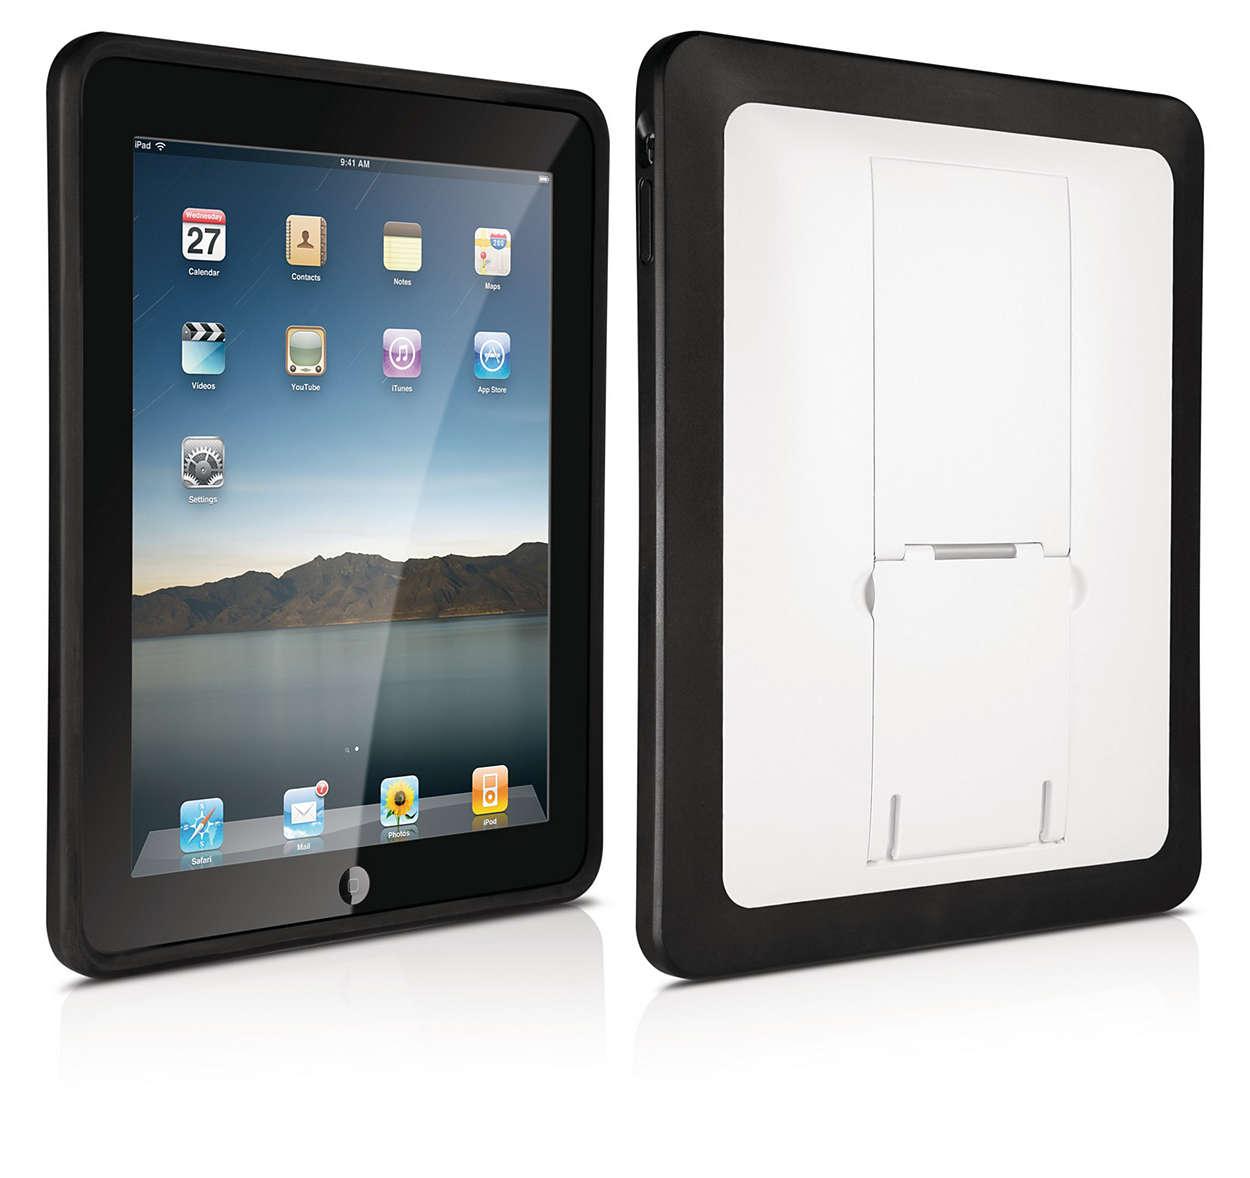 Proteggi il tuo iPad con una custodia rigida